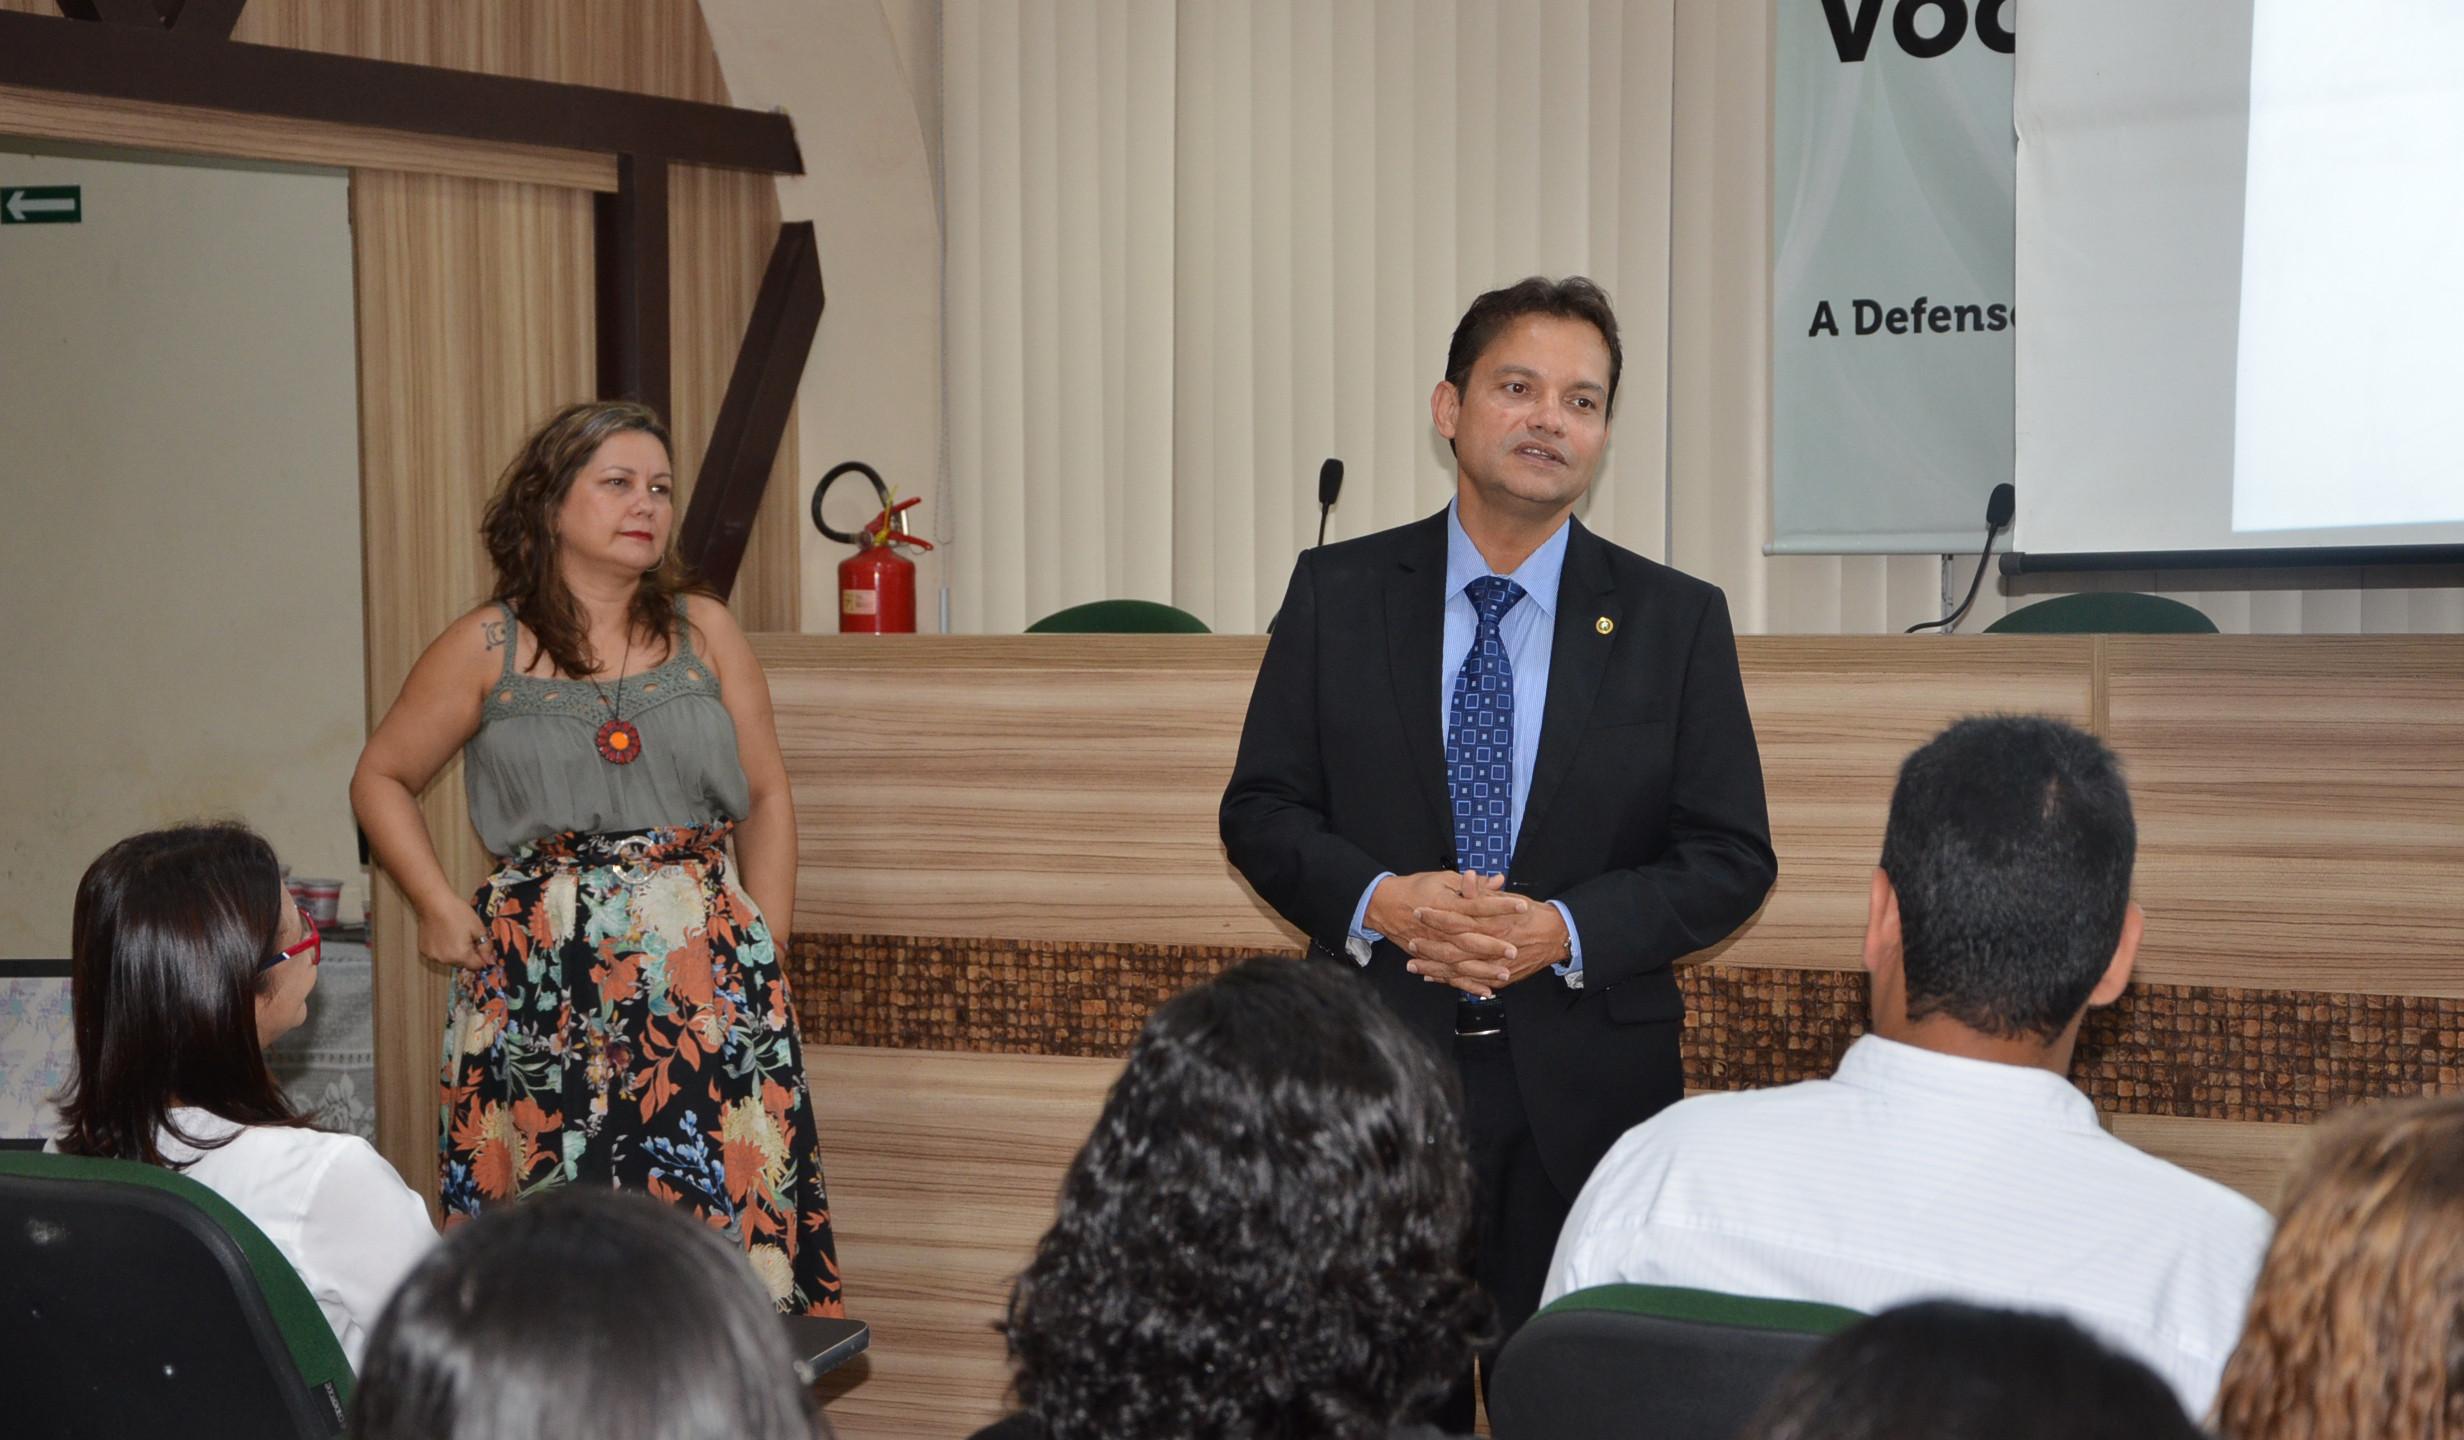 O defensor-geral Werther Lima Junior fala da importância do plantão psicológico em reunião com equipe da Ufma e do Pitágoras